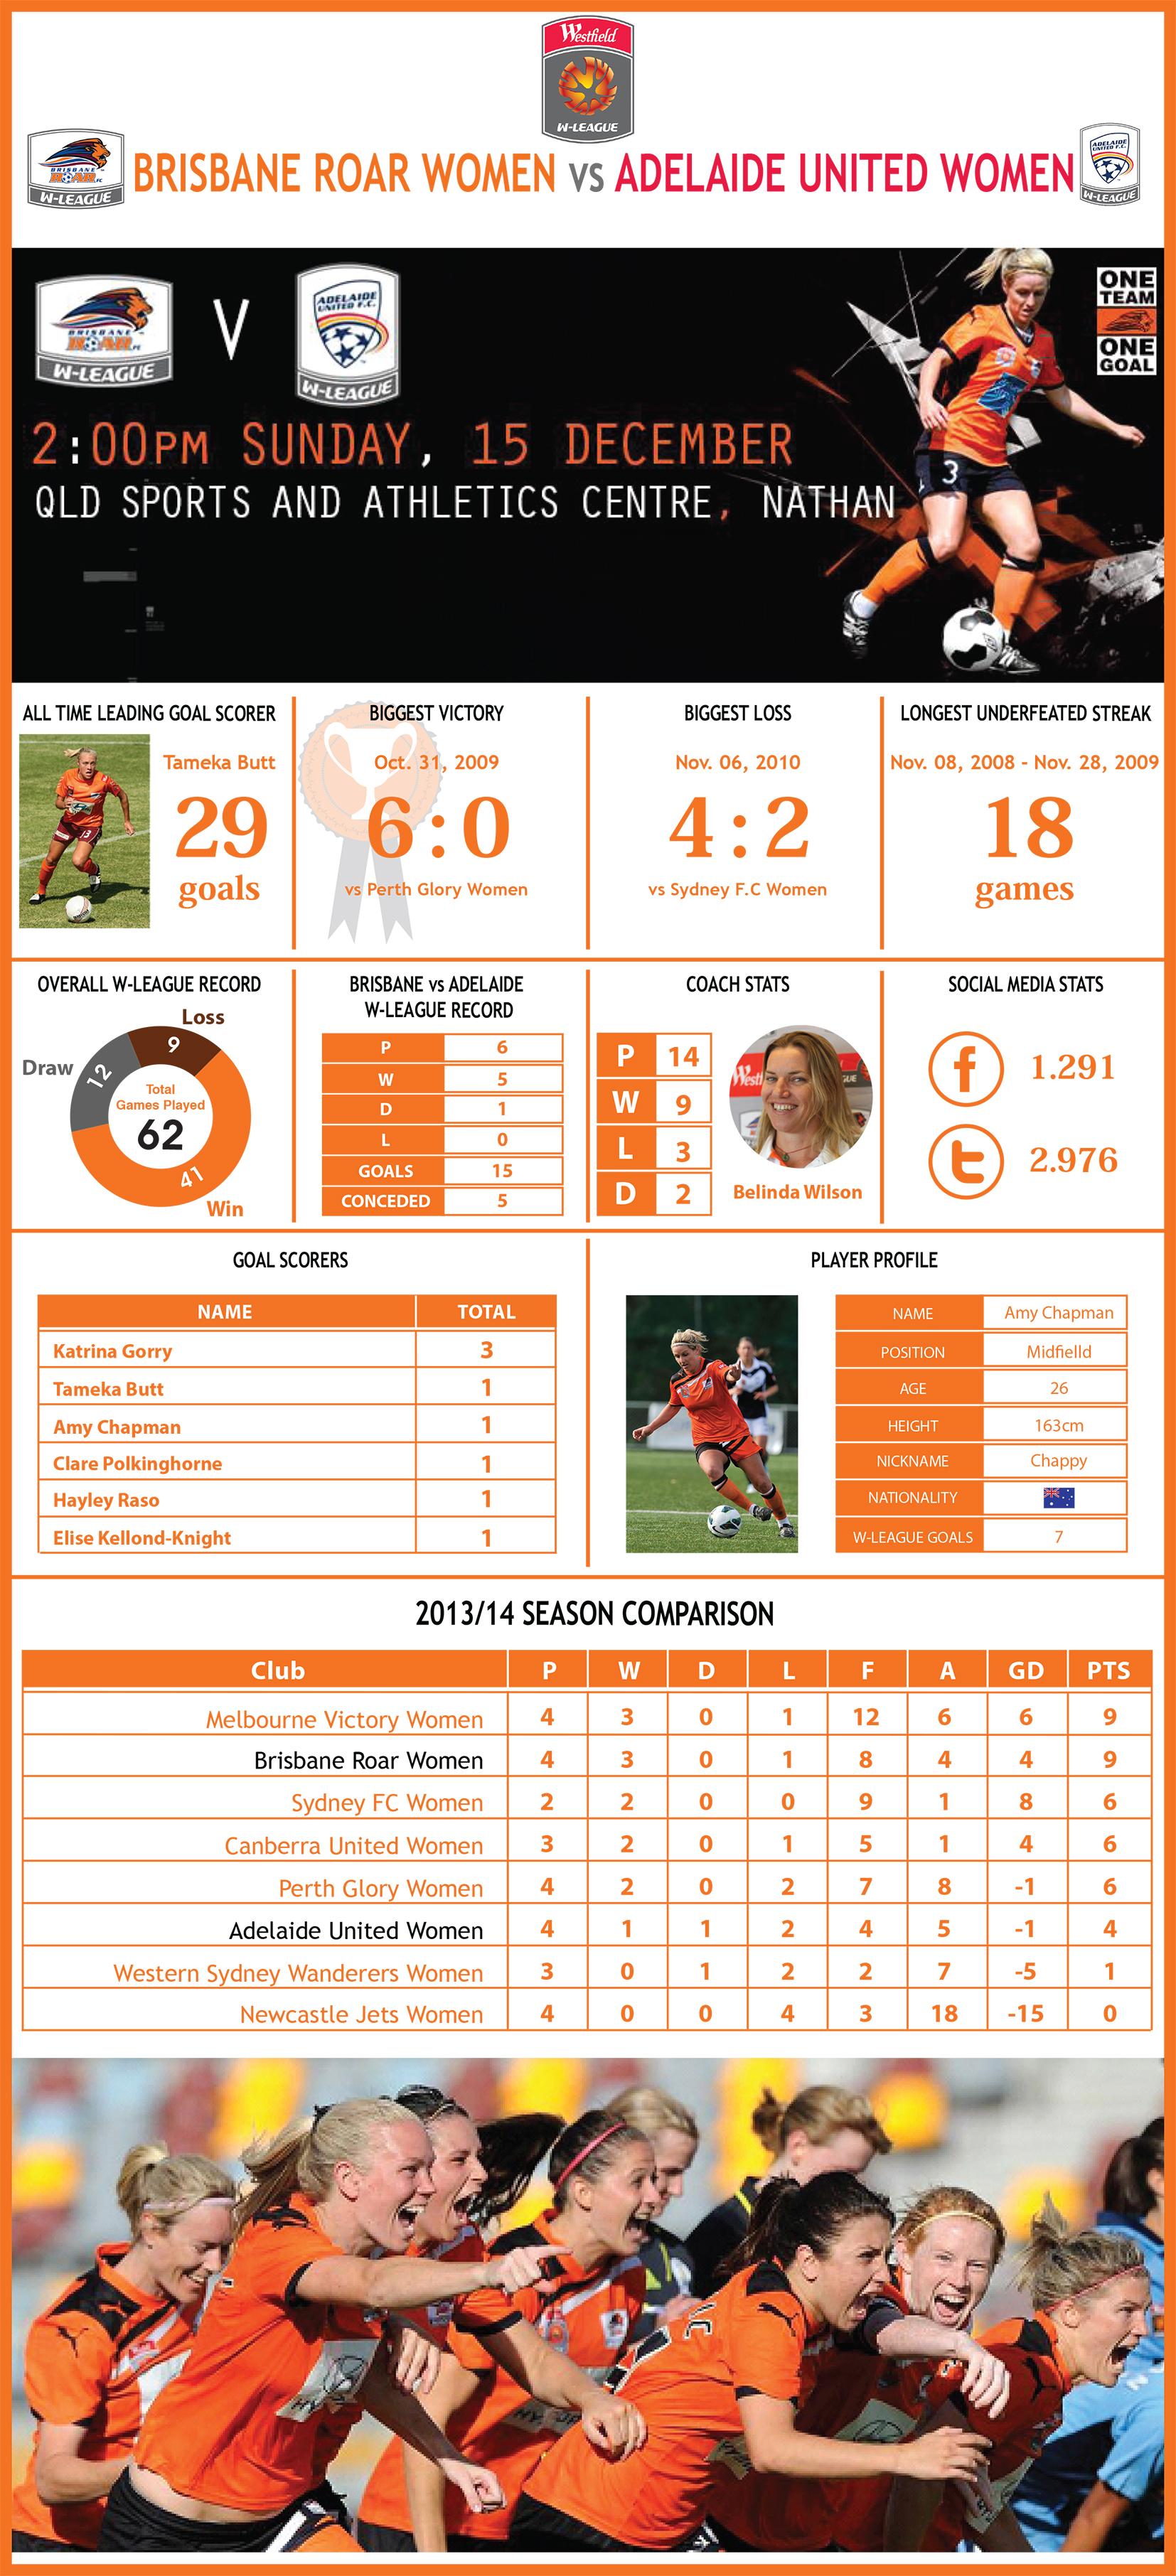 Brisbane Roar Women's team infographic for game against Adelaide on Sunday.